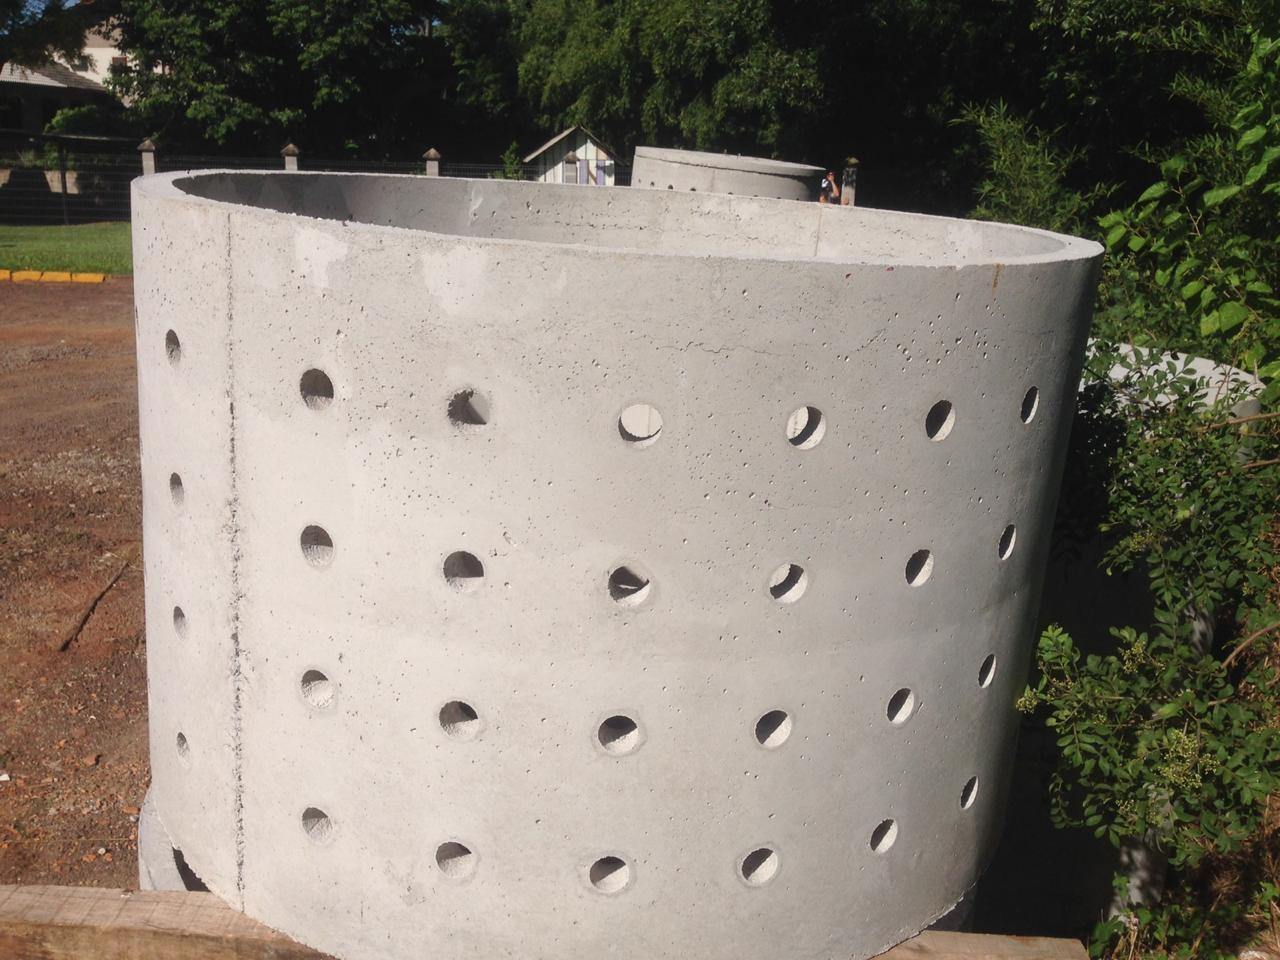 Sumidouro em manilha de concreto perfurada.